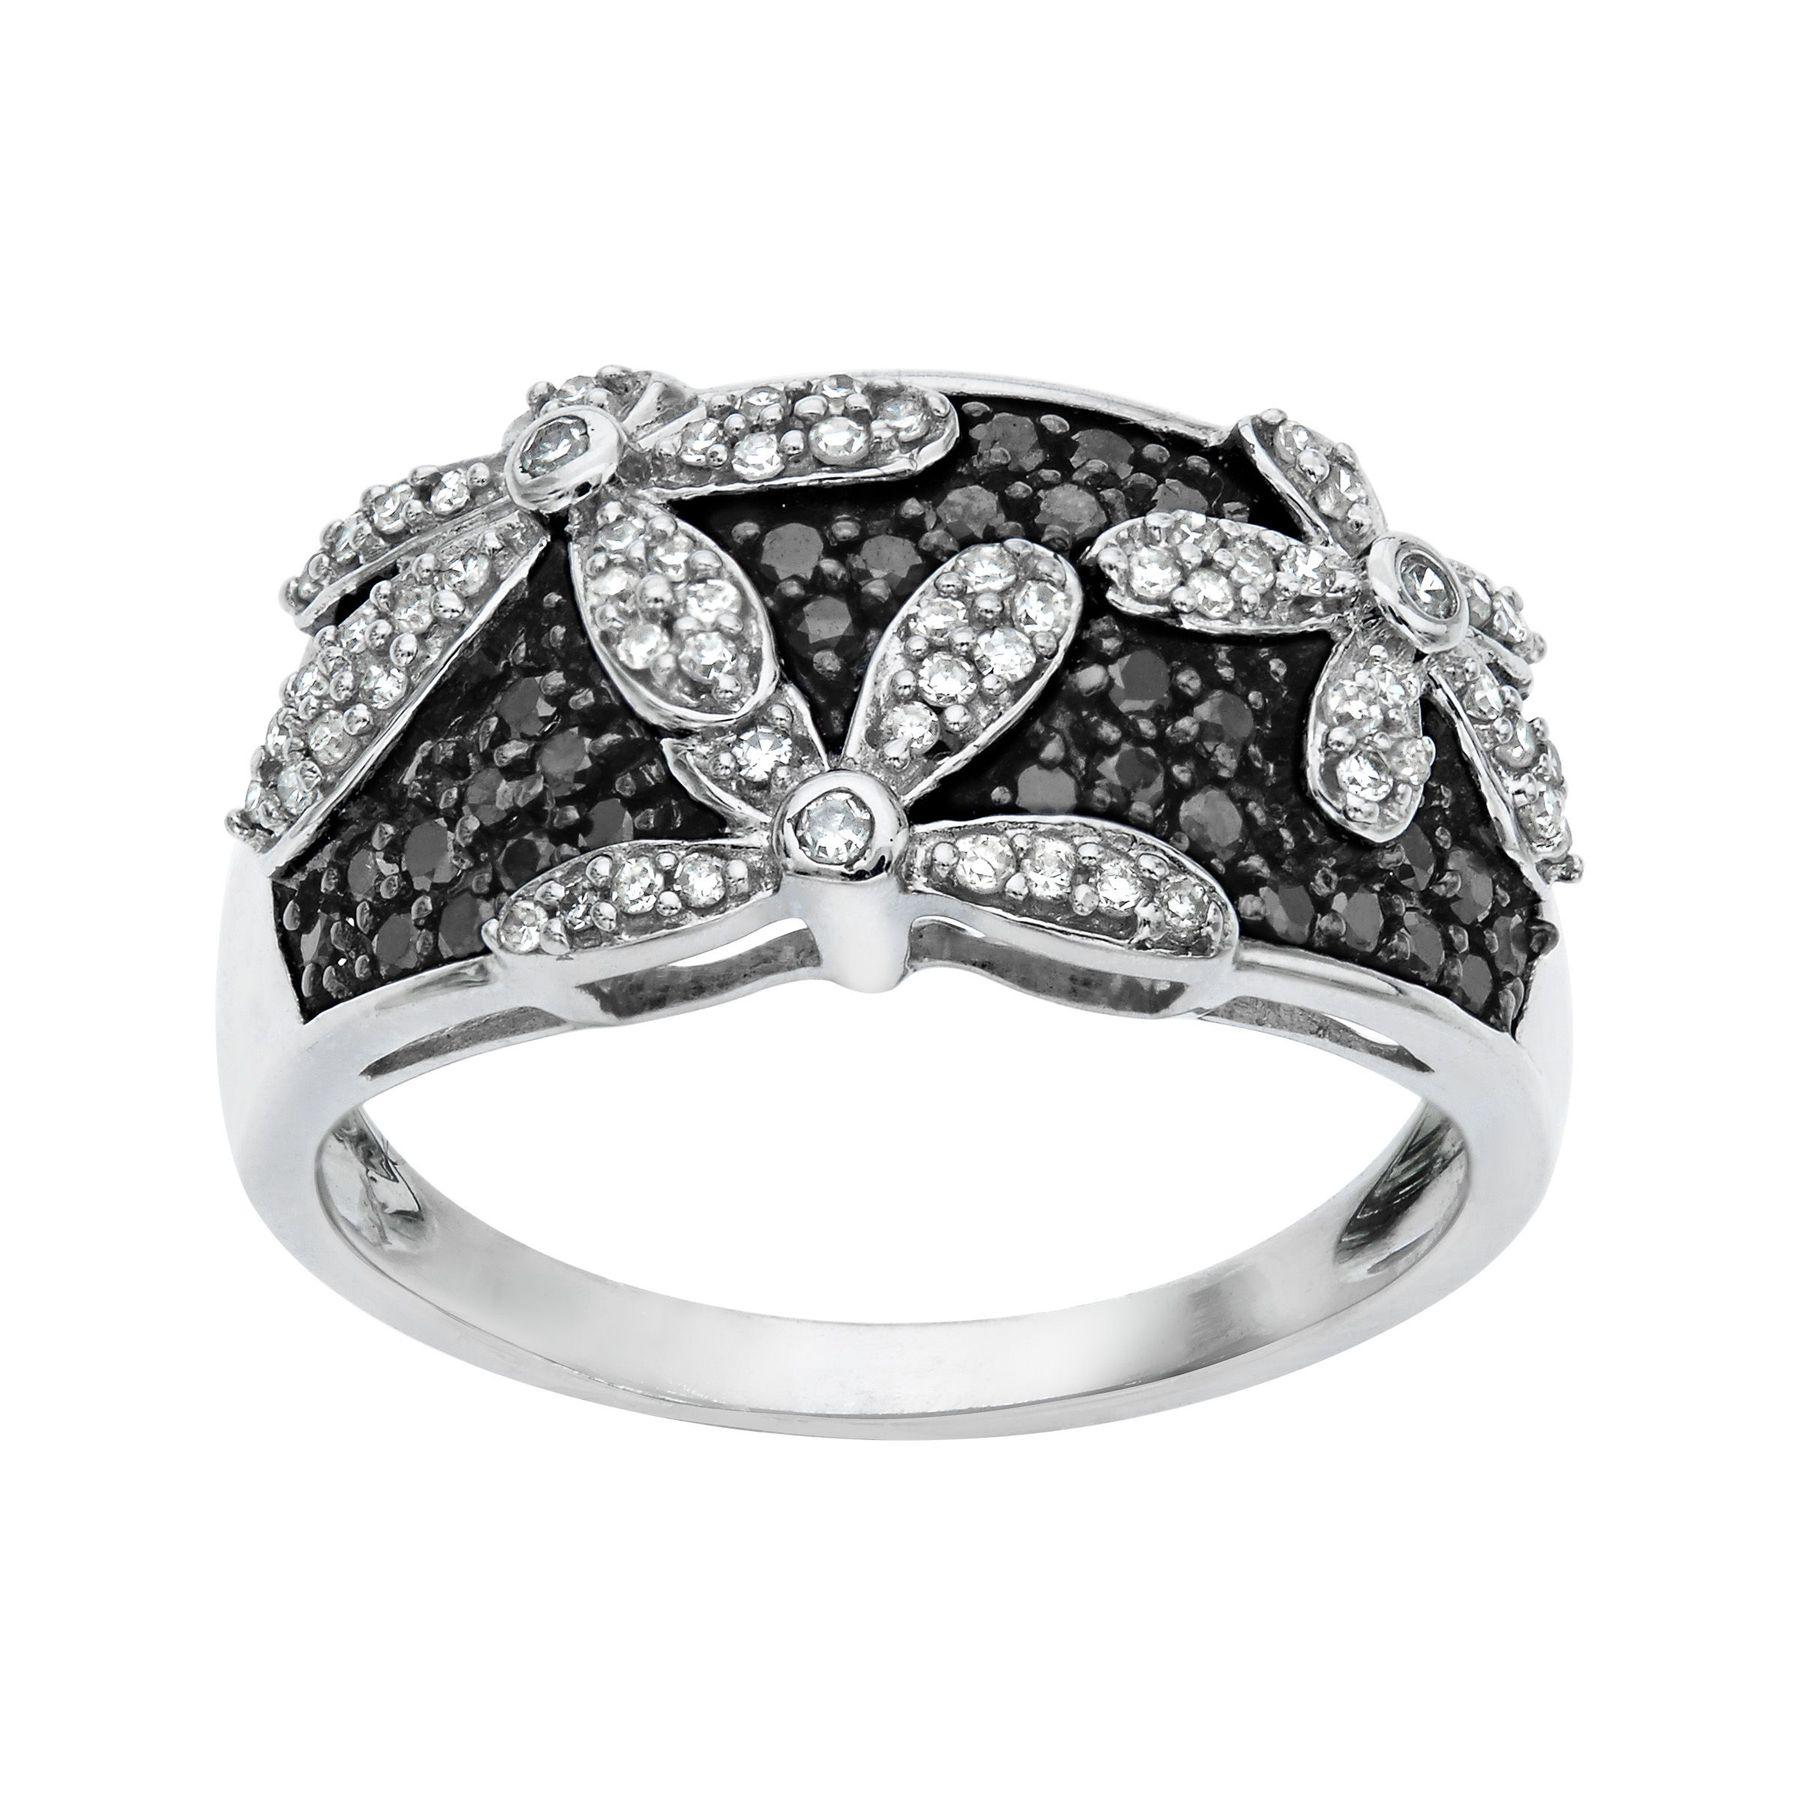 12 Ct Black White Diamond Flower Ring In 14k White Gold 12 Ct